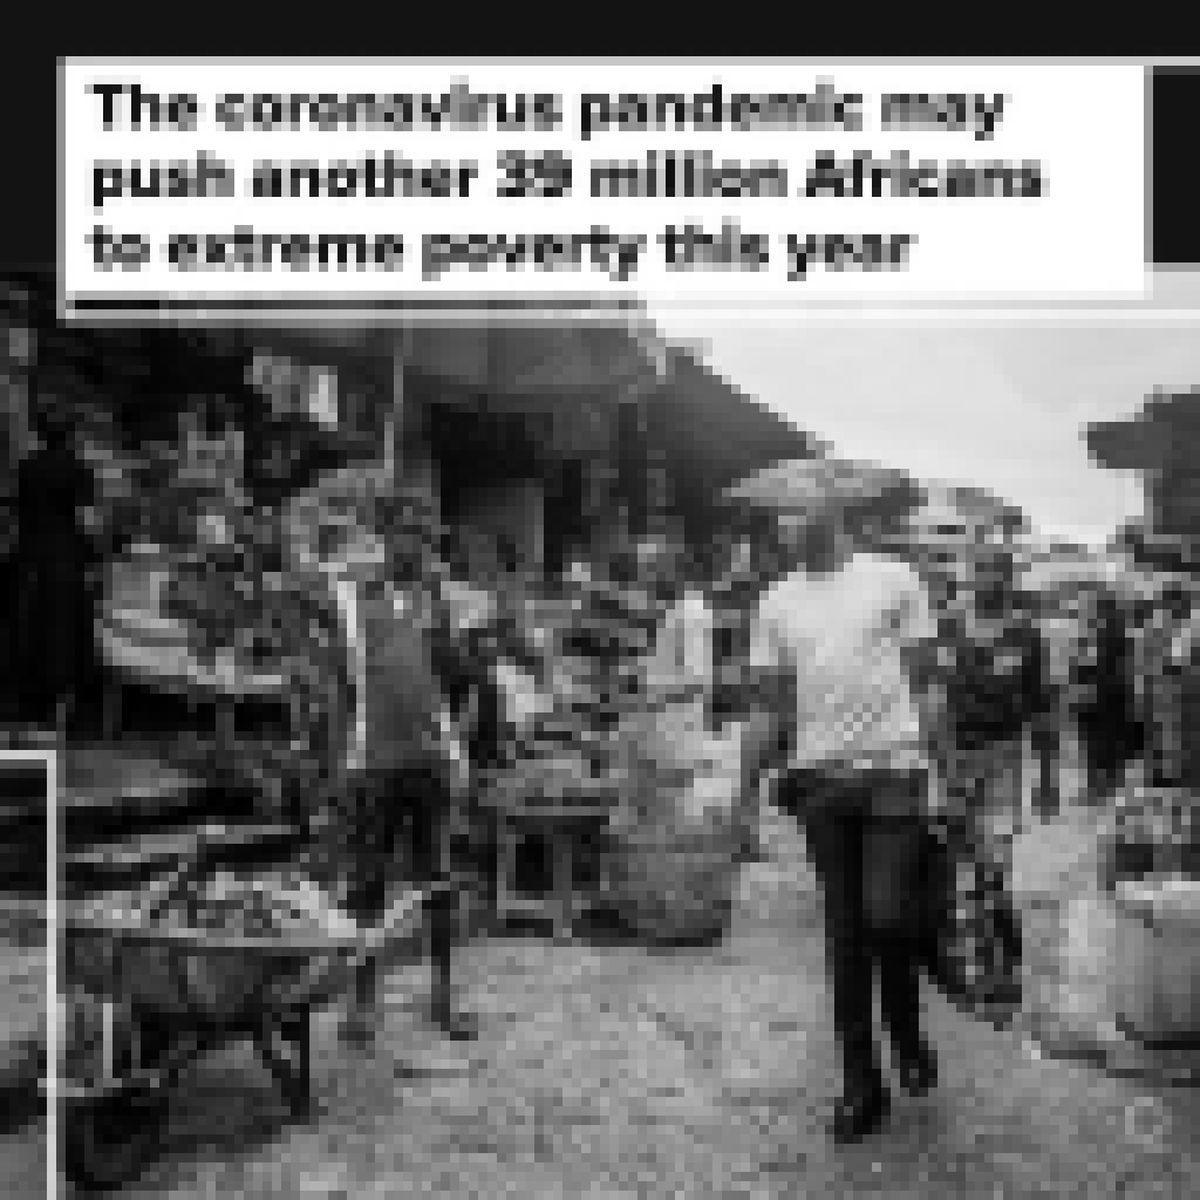 بیماری کرونا ۳۹میلیون آفریقایی را به فقر شدید دچار میکند